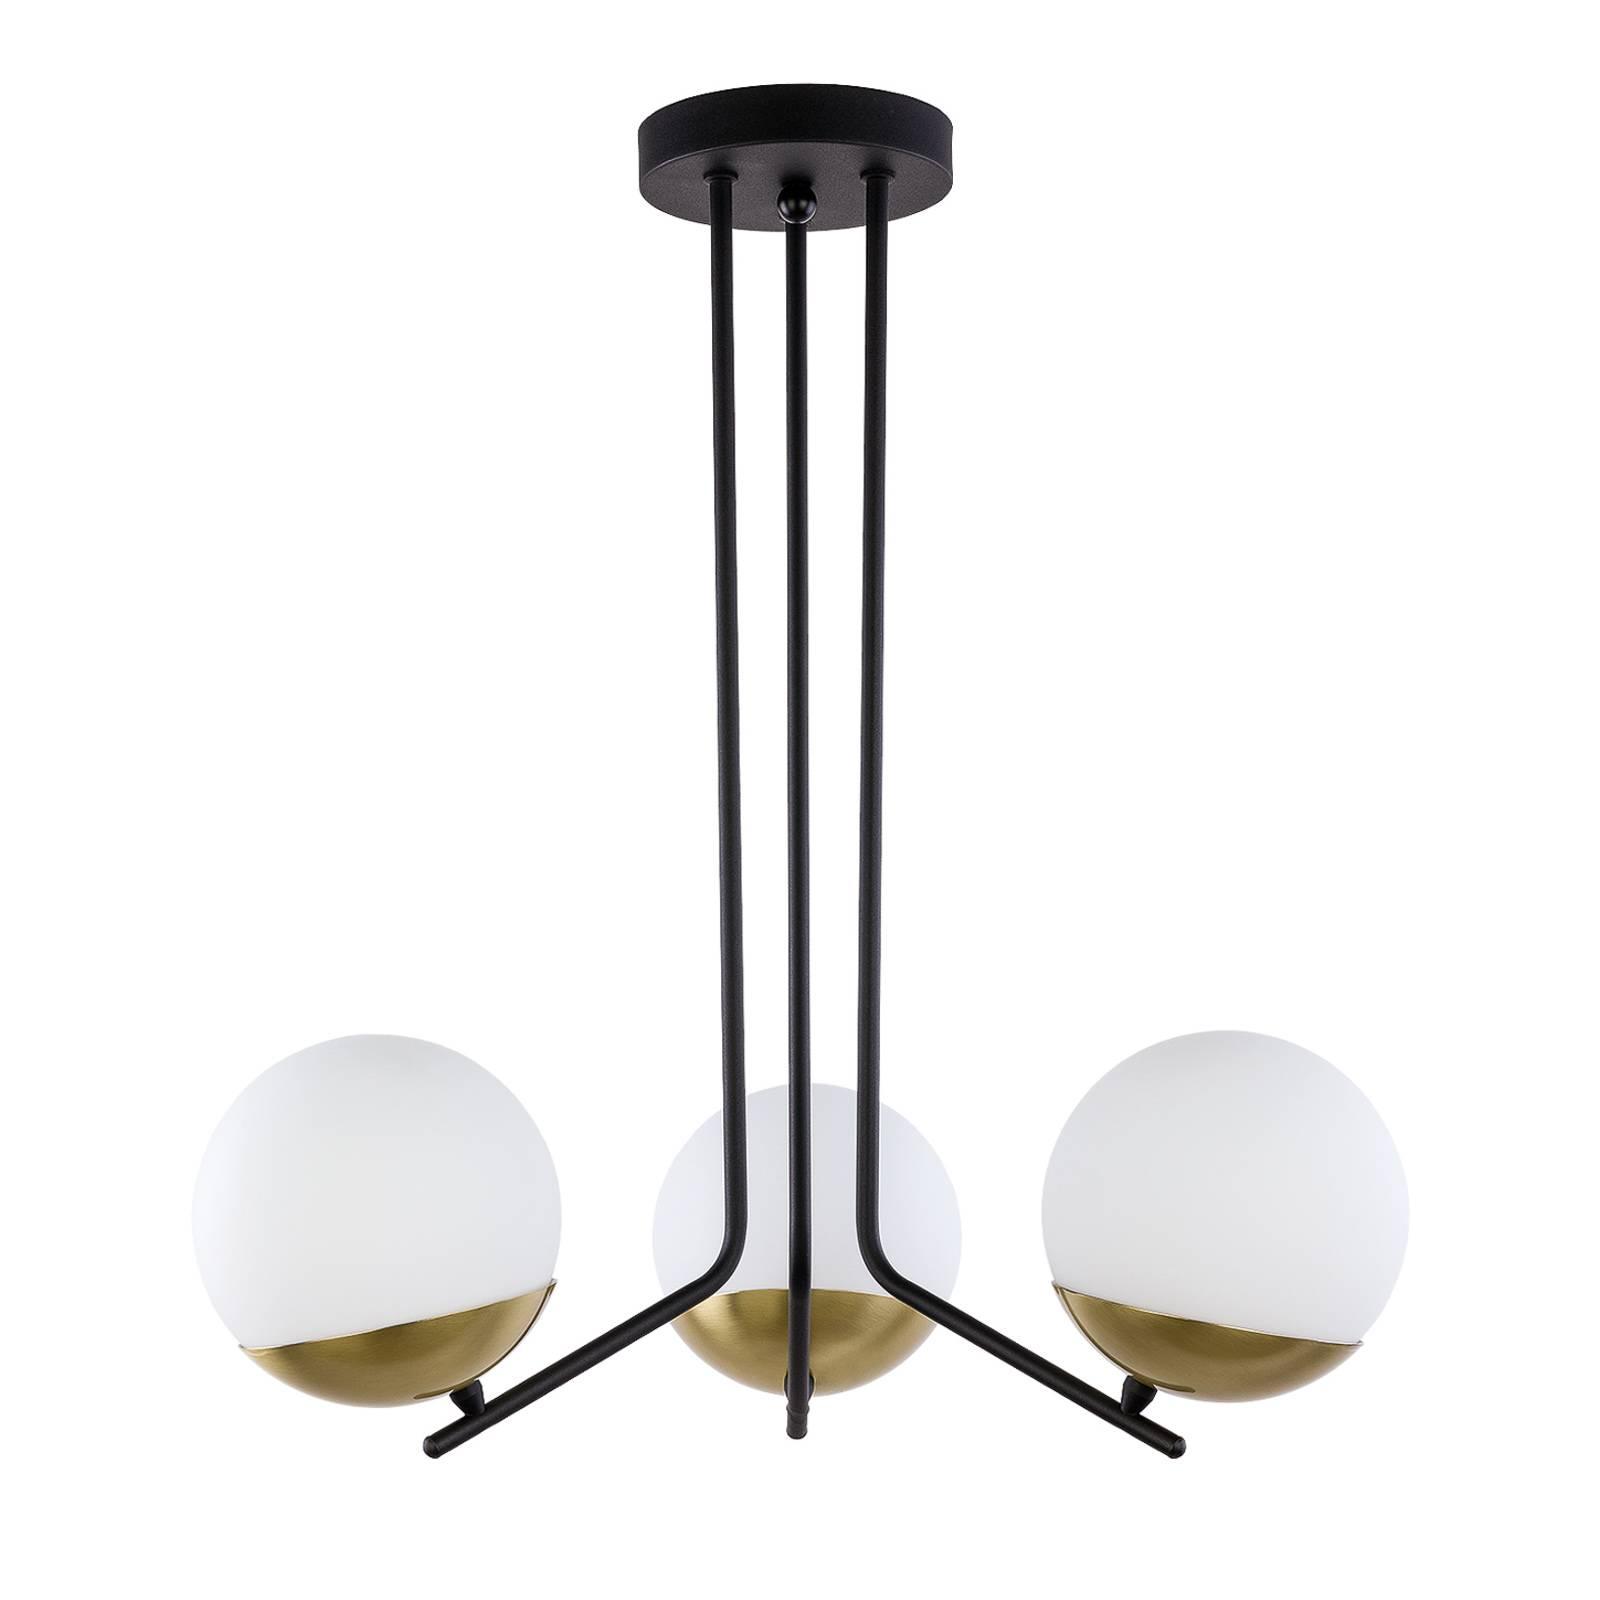 Riippuvalo Torbole, opaali/messinki, 3-lamppuinen